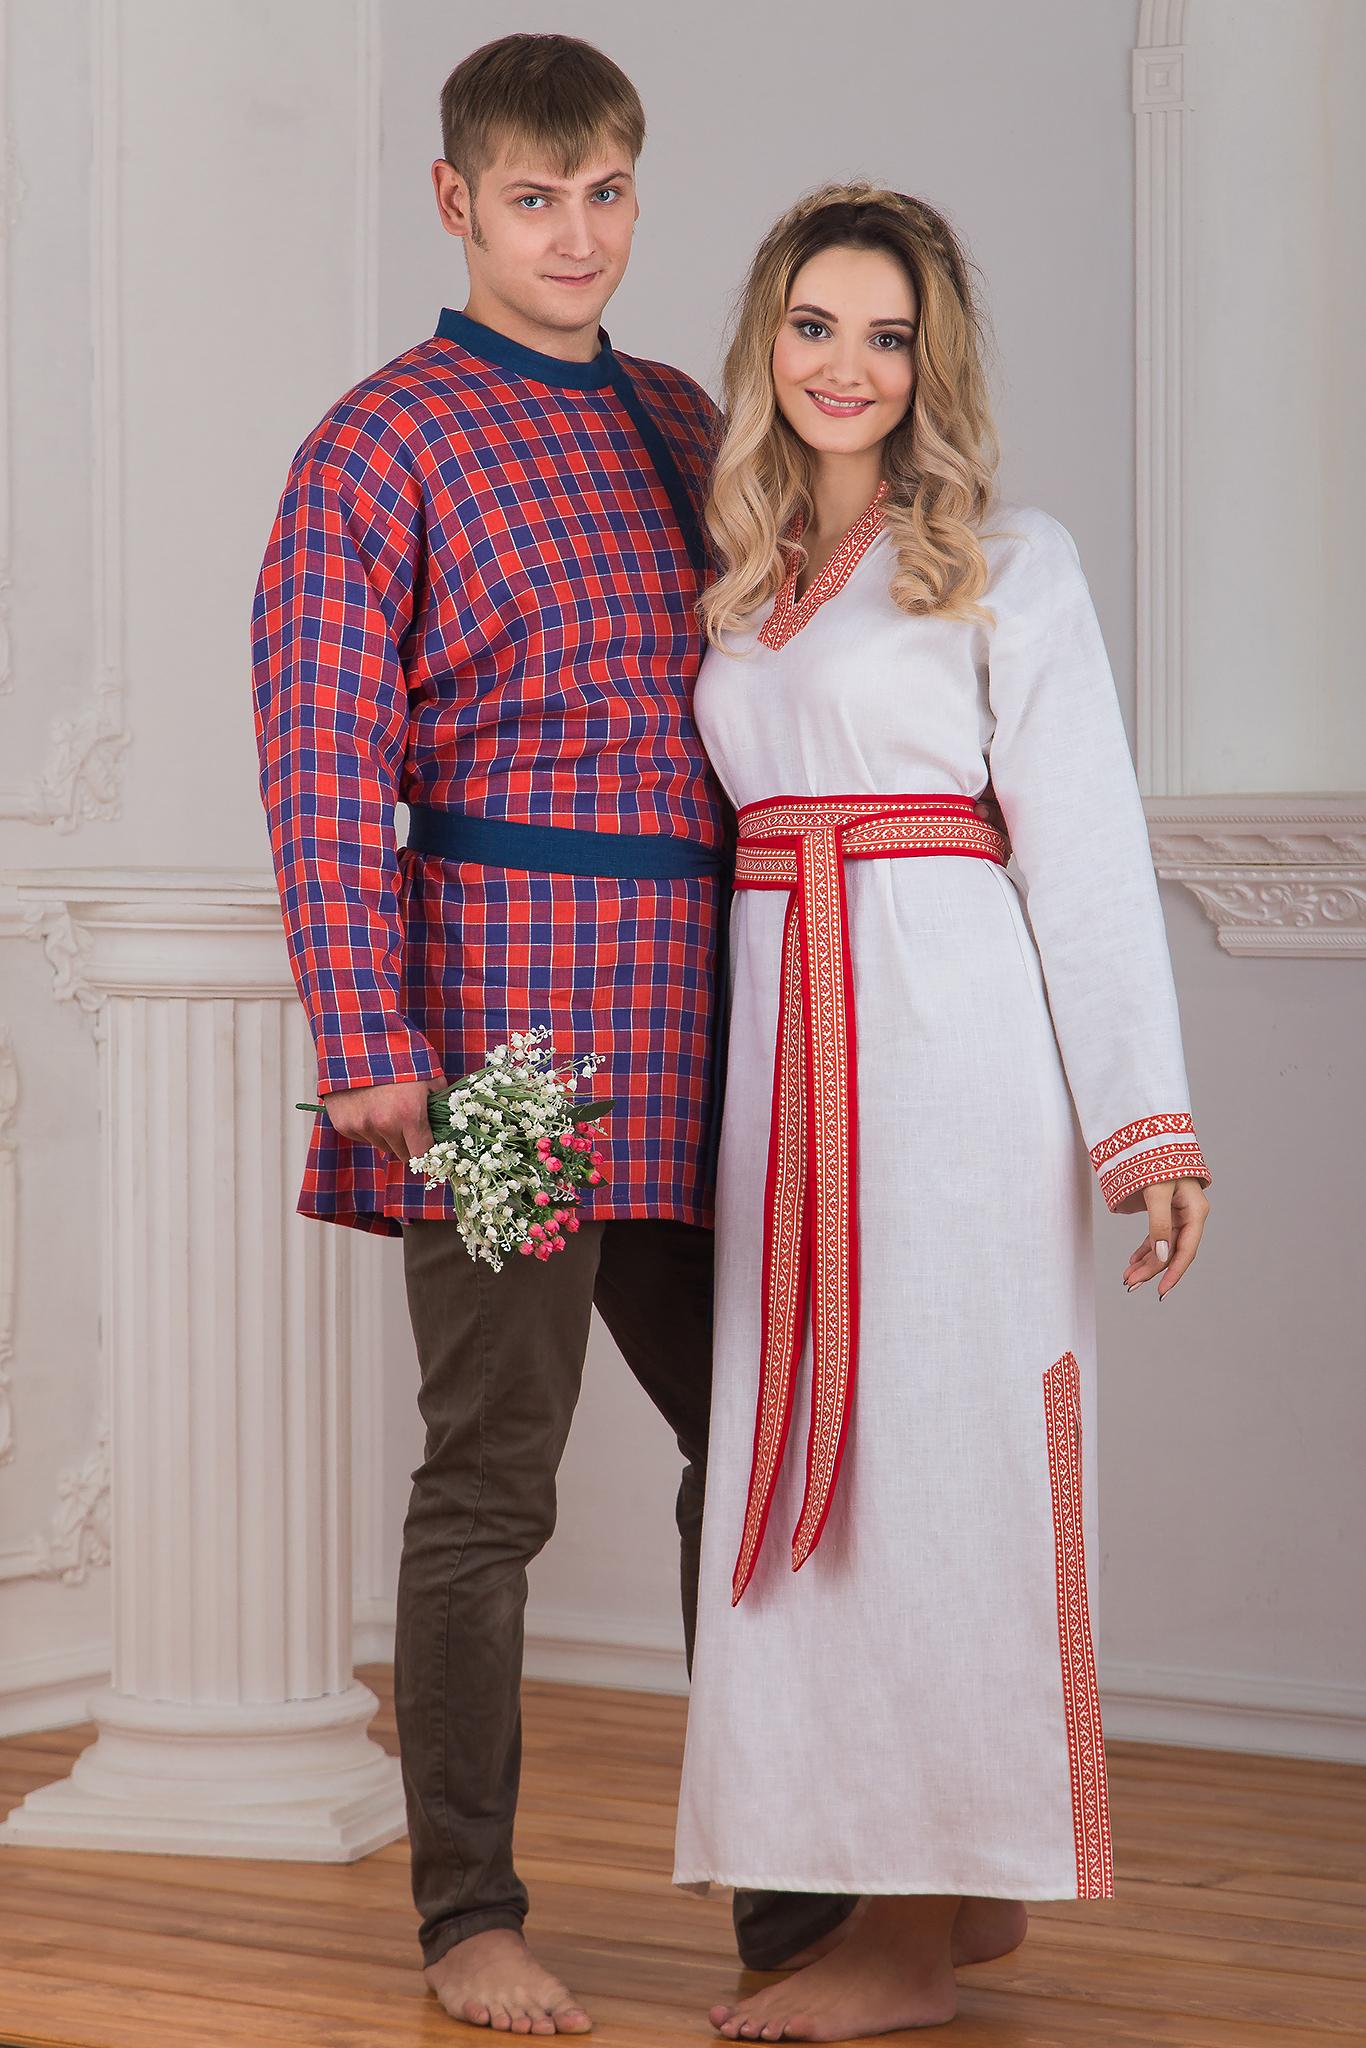 Сочетание костюмов для пары, славянская одежда в интернет магазине Иванка. Рубаха женская